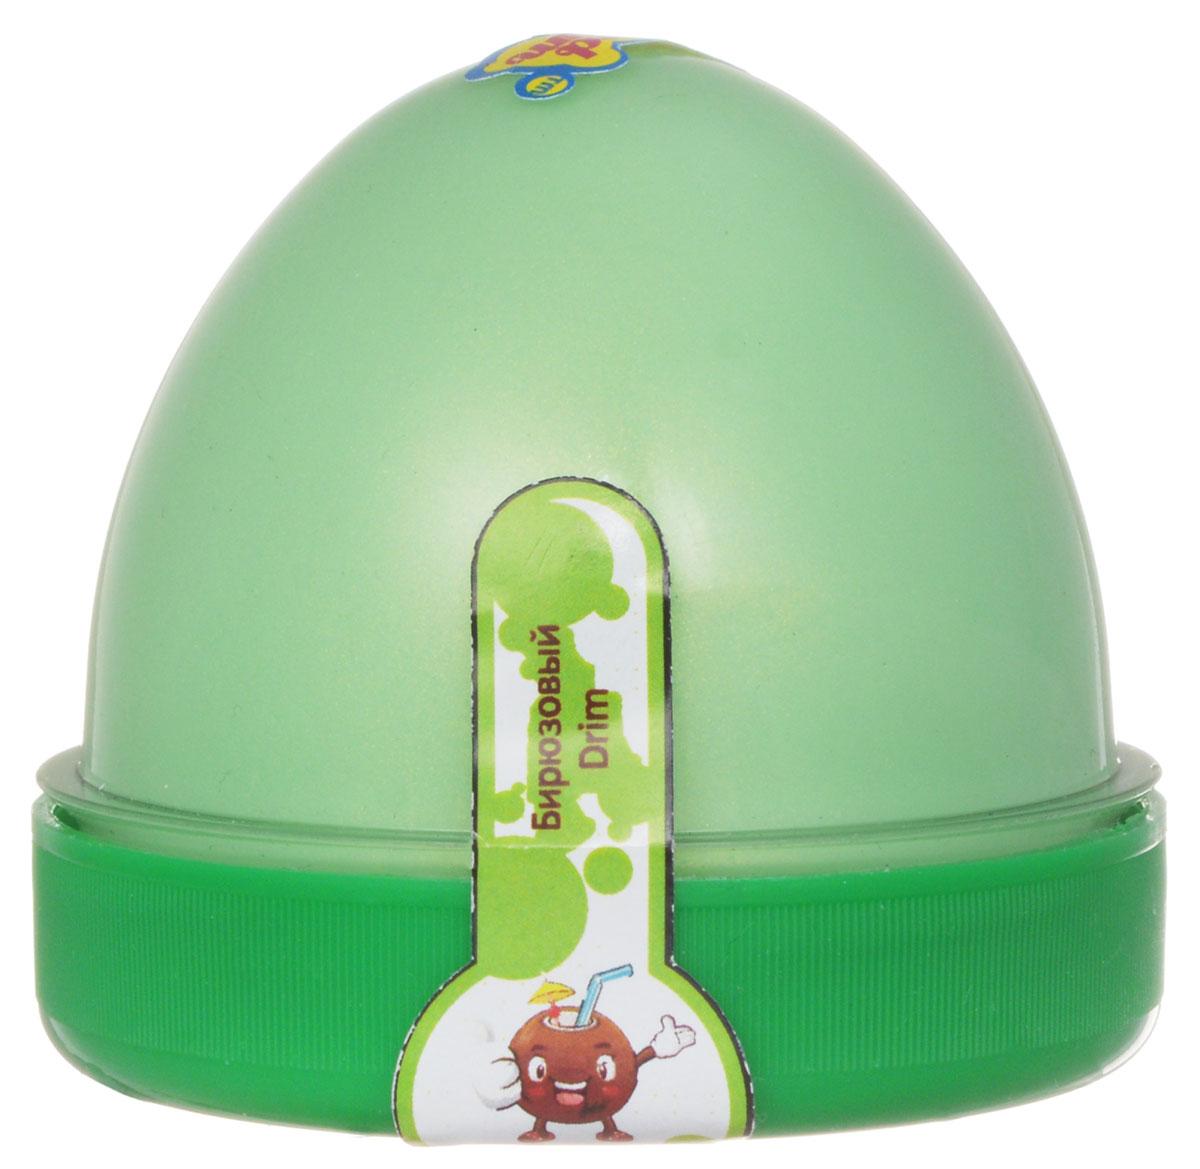 Жвачка для рук  ТМ HandGum , цвет: бирюзовый, с запахом кокоса, 70 г - Развлекательные игрушки